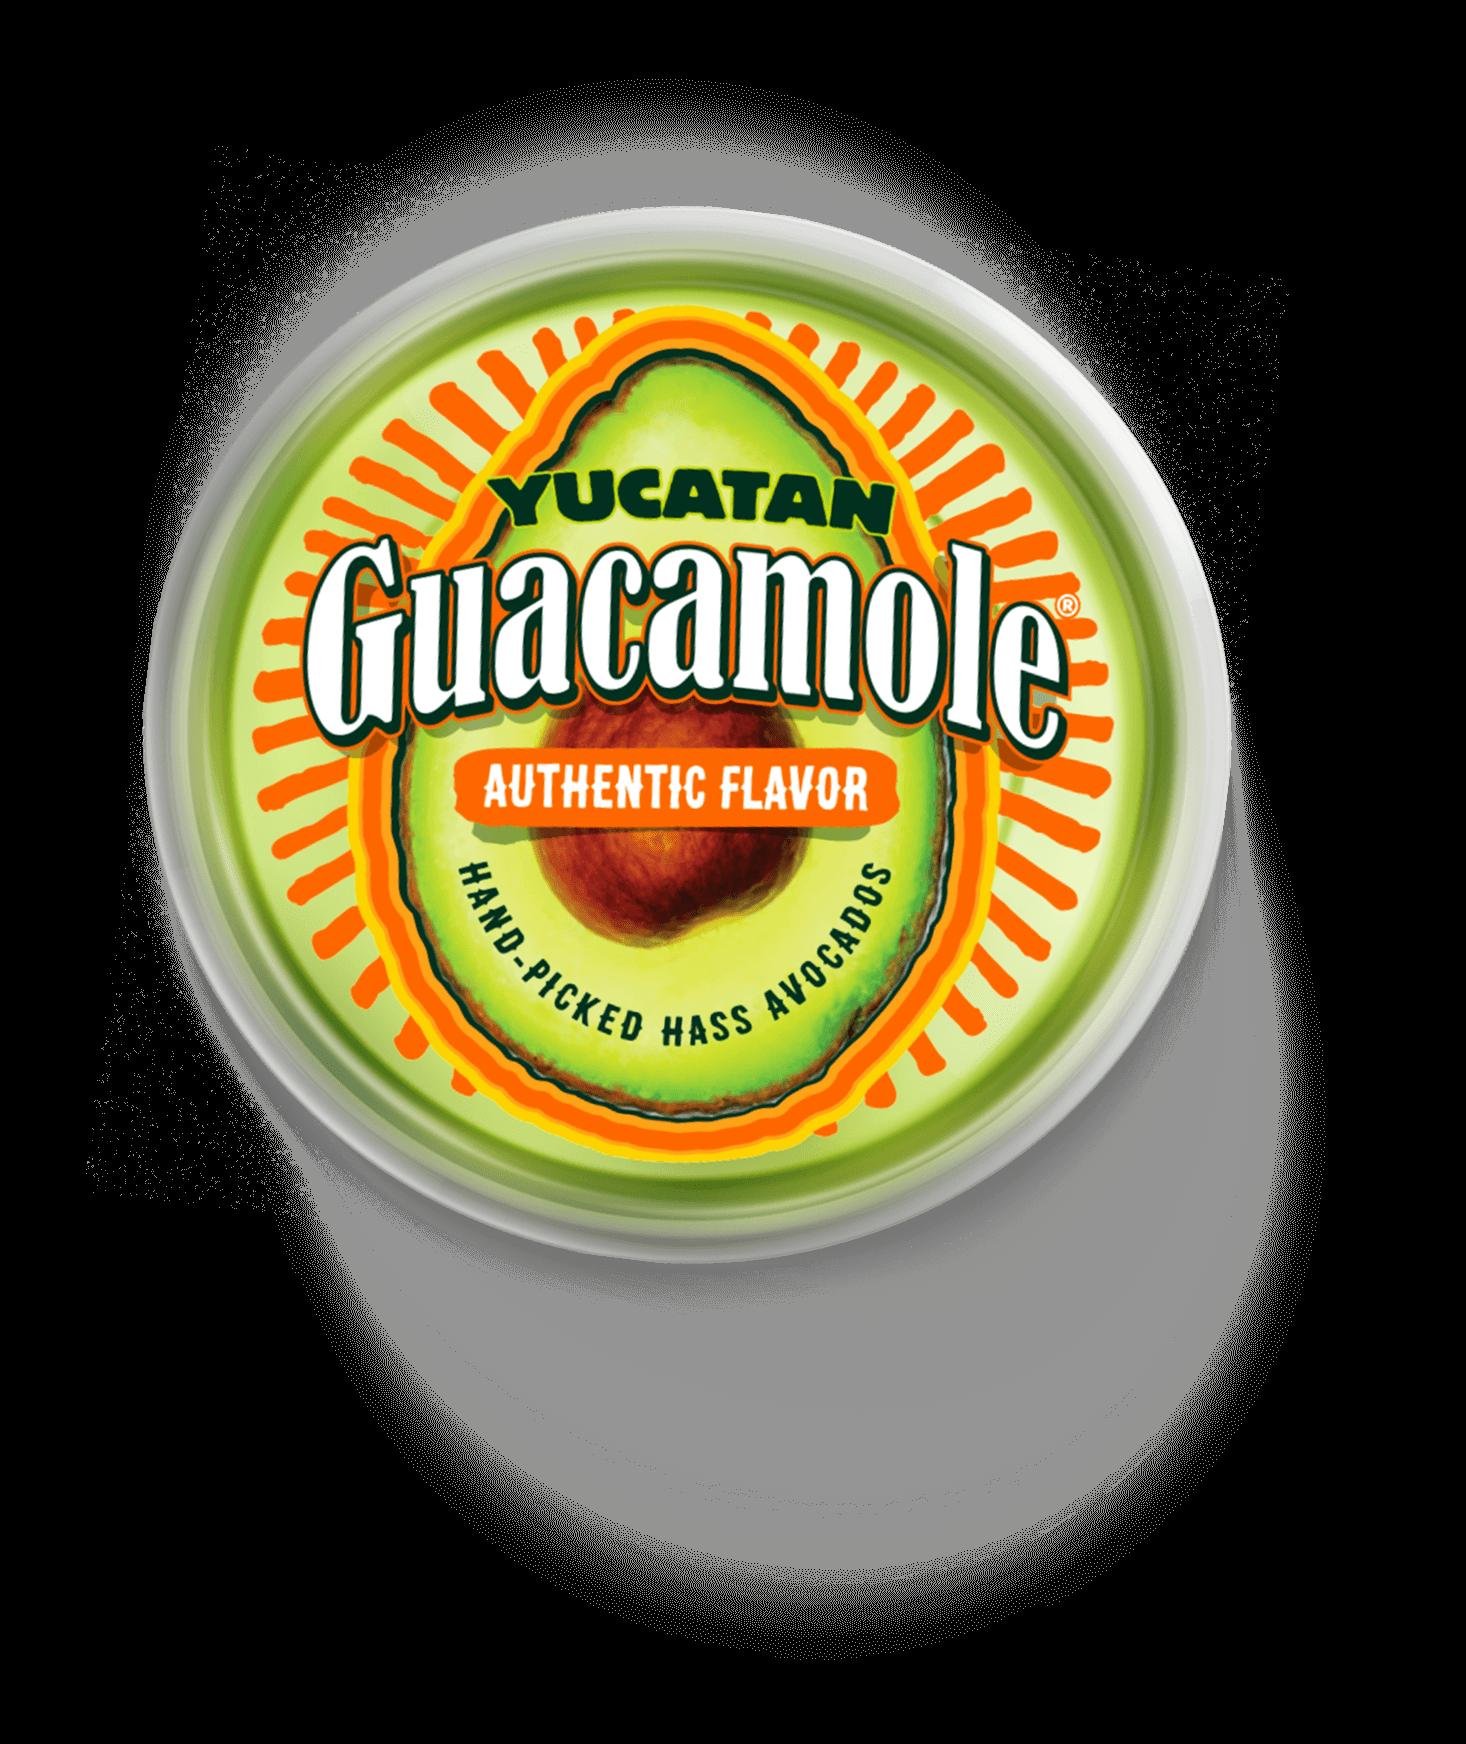 yucatan guacamole package designer